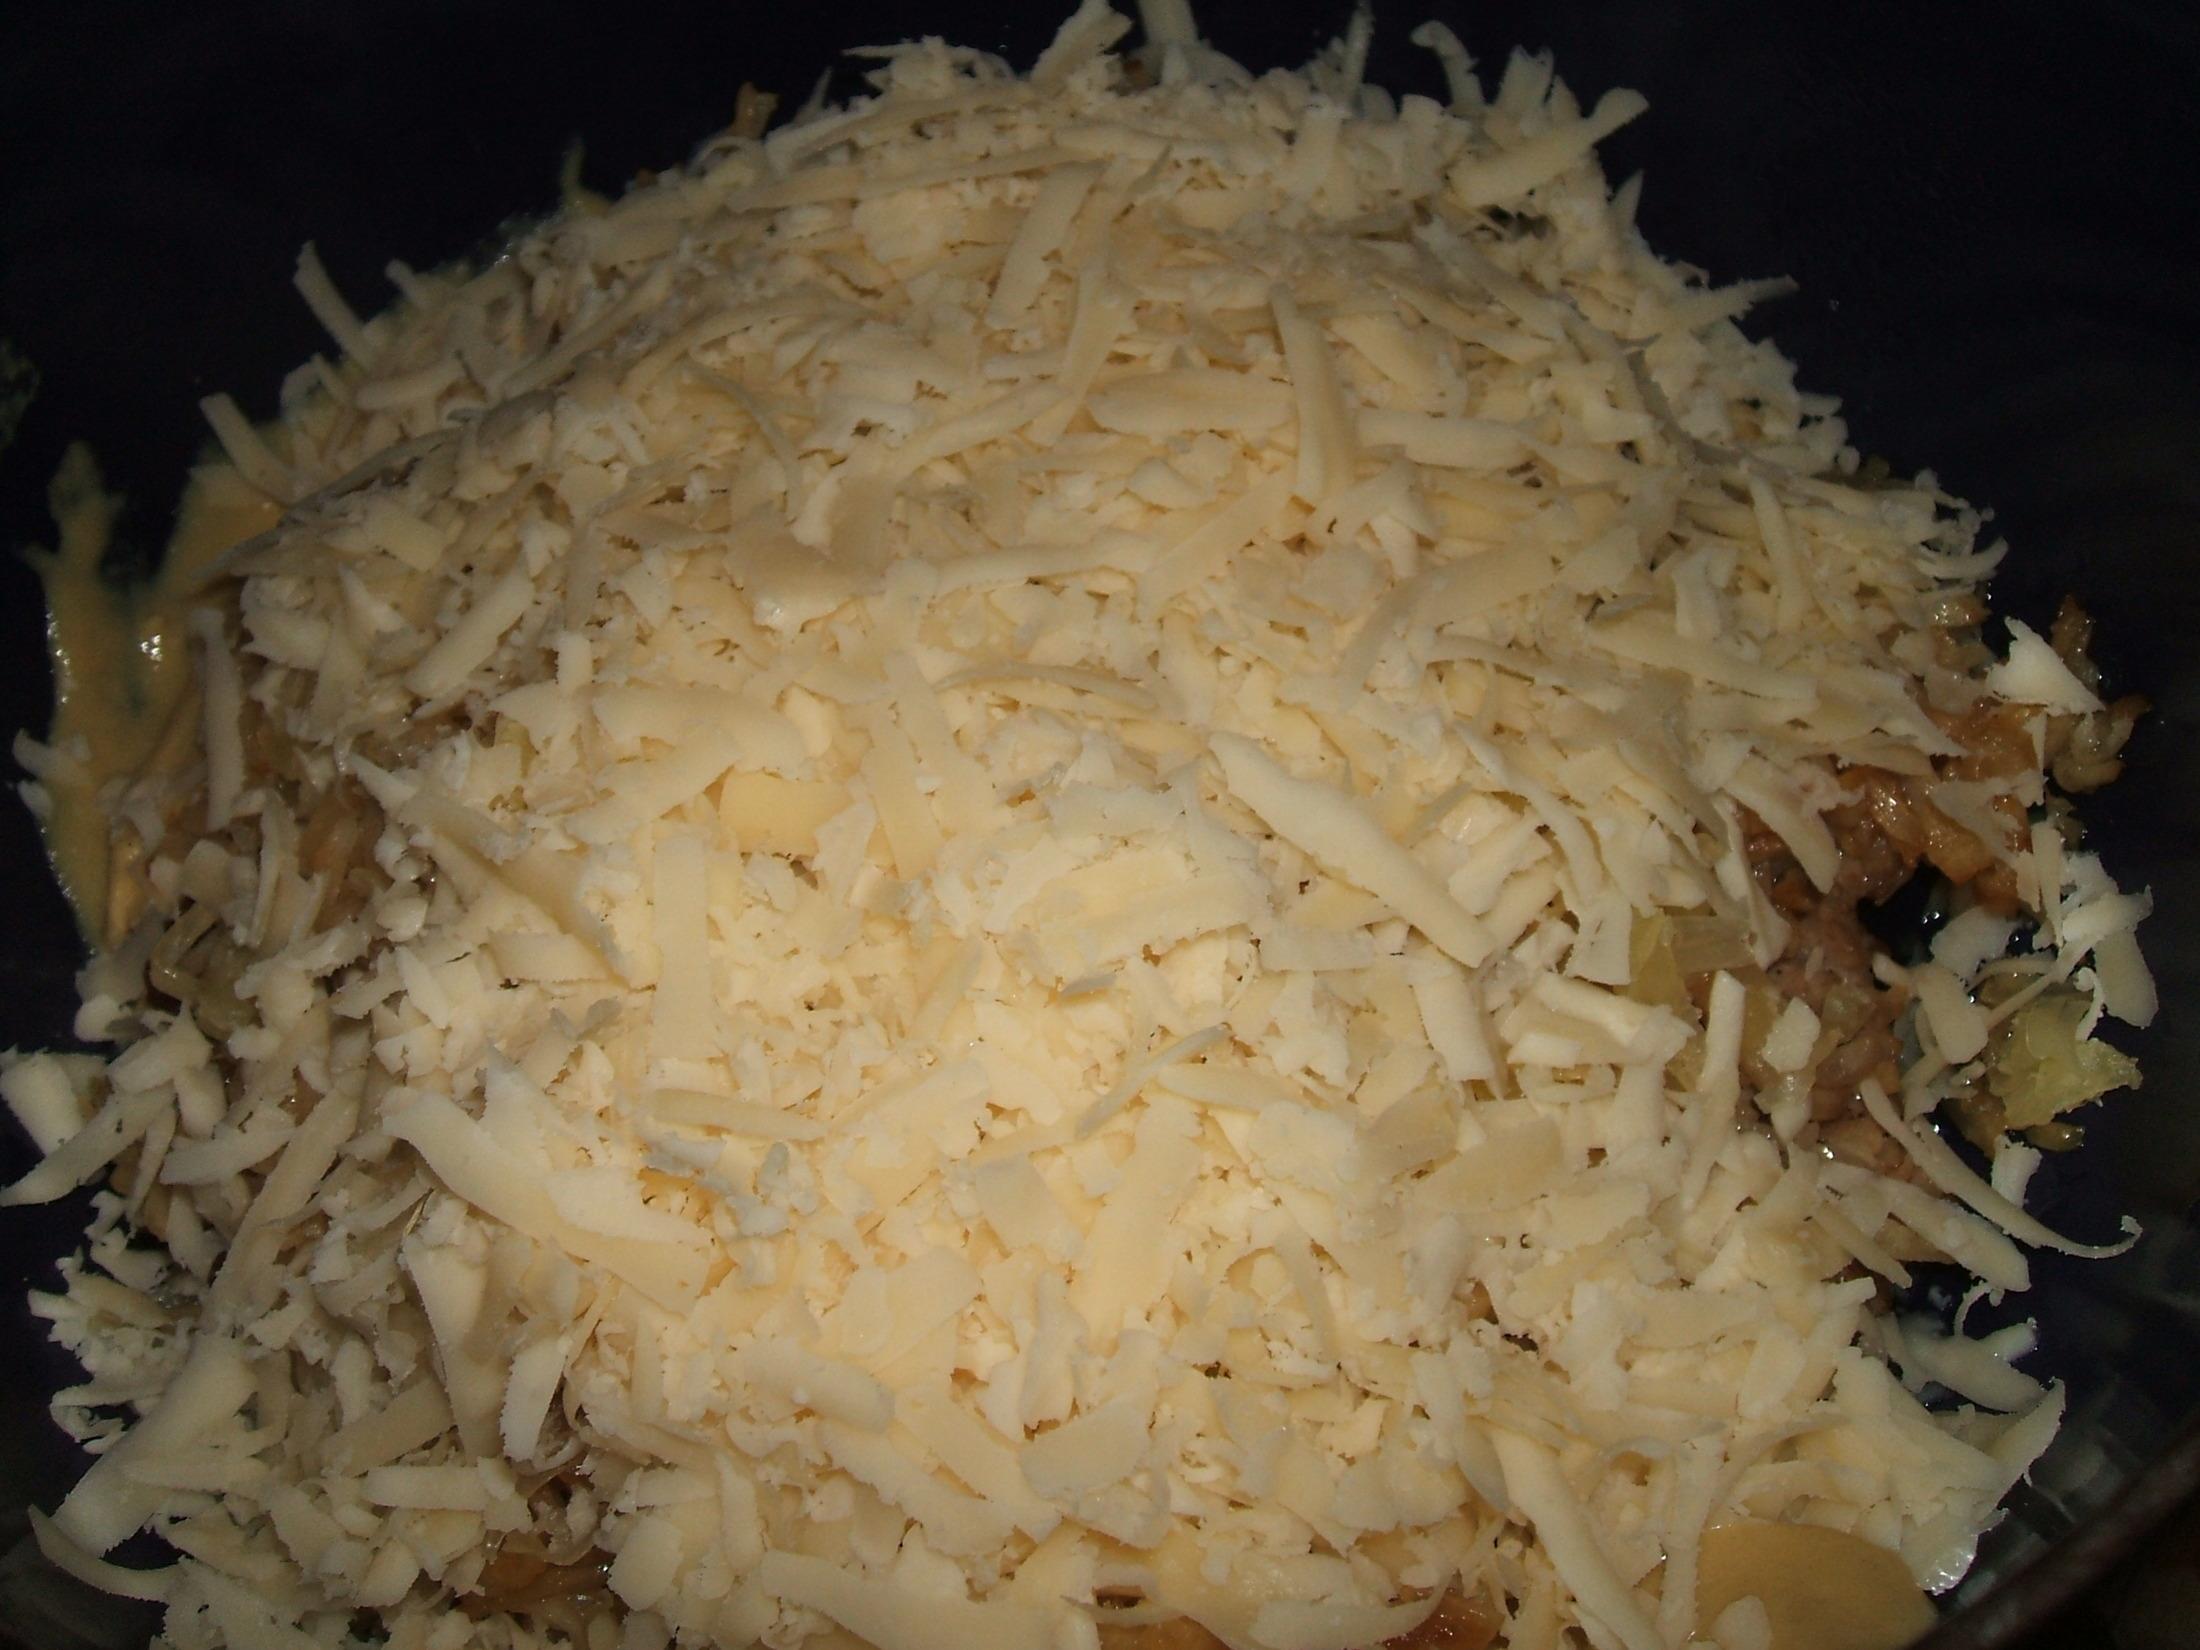 Recept Vepřové maso s celerem a sýrem - Plátky vepřového masa s celerem se ještě později posypou tvrdým sýrem.